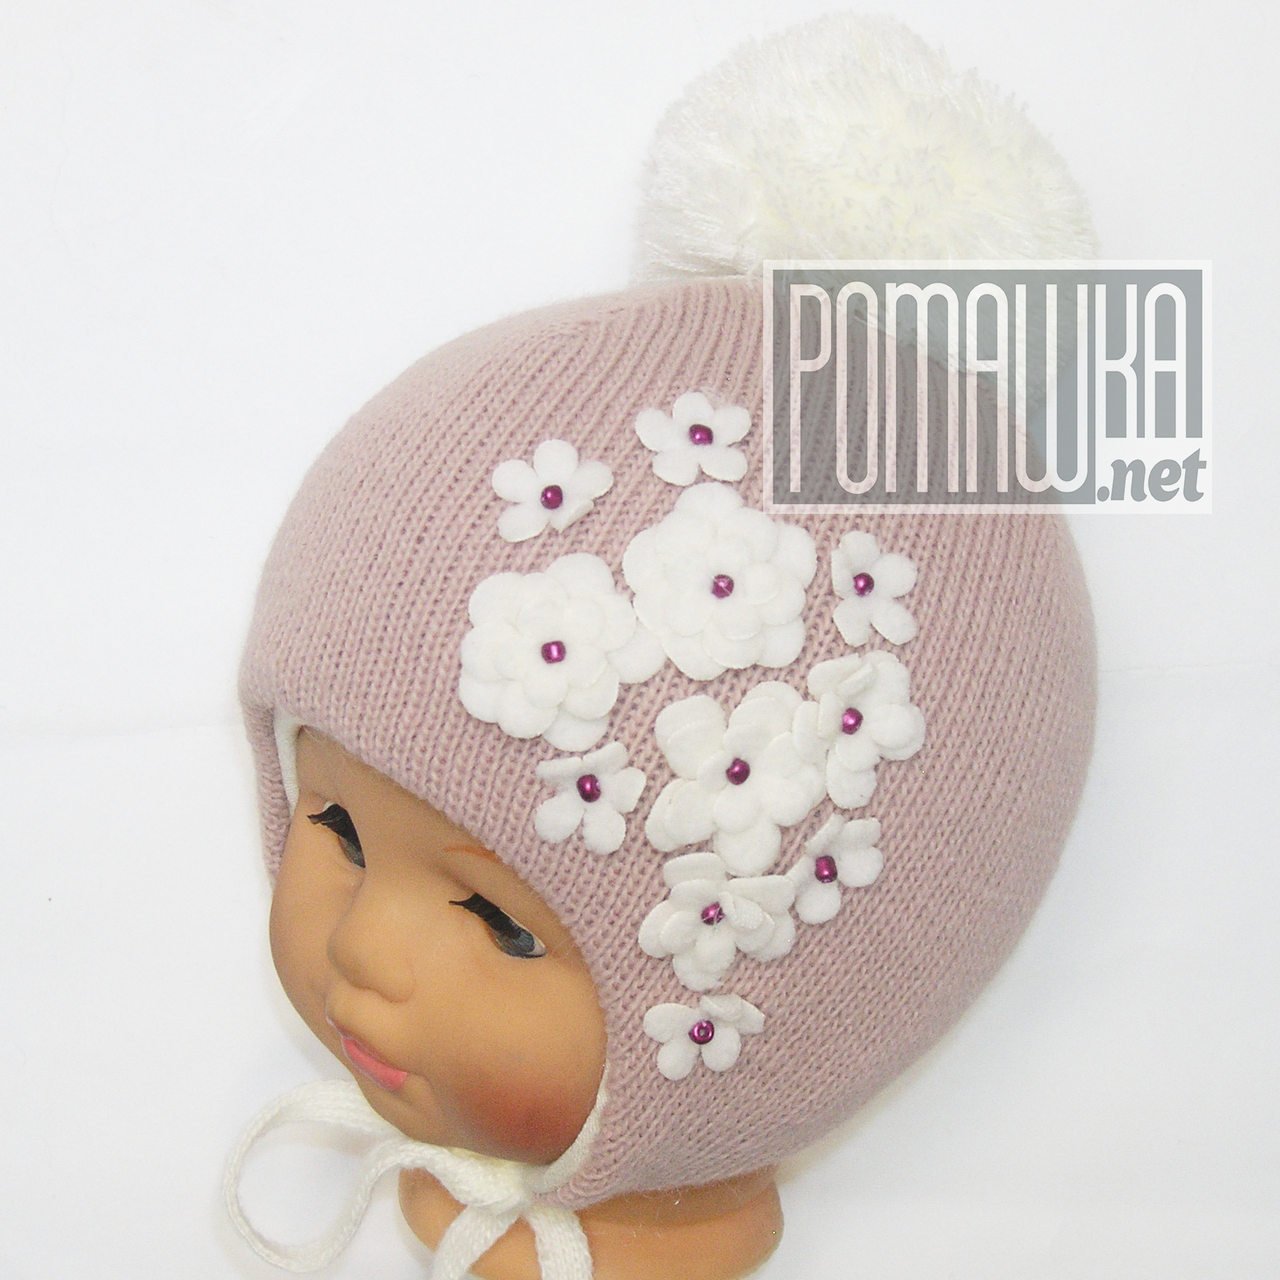 Детская зимняя вязанная термо шапочка р. 38-40 на завязках для  новорожденного 4432 Розовый 38 f9cde57643c4d